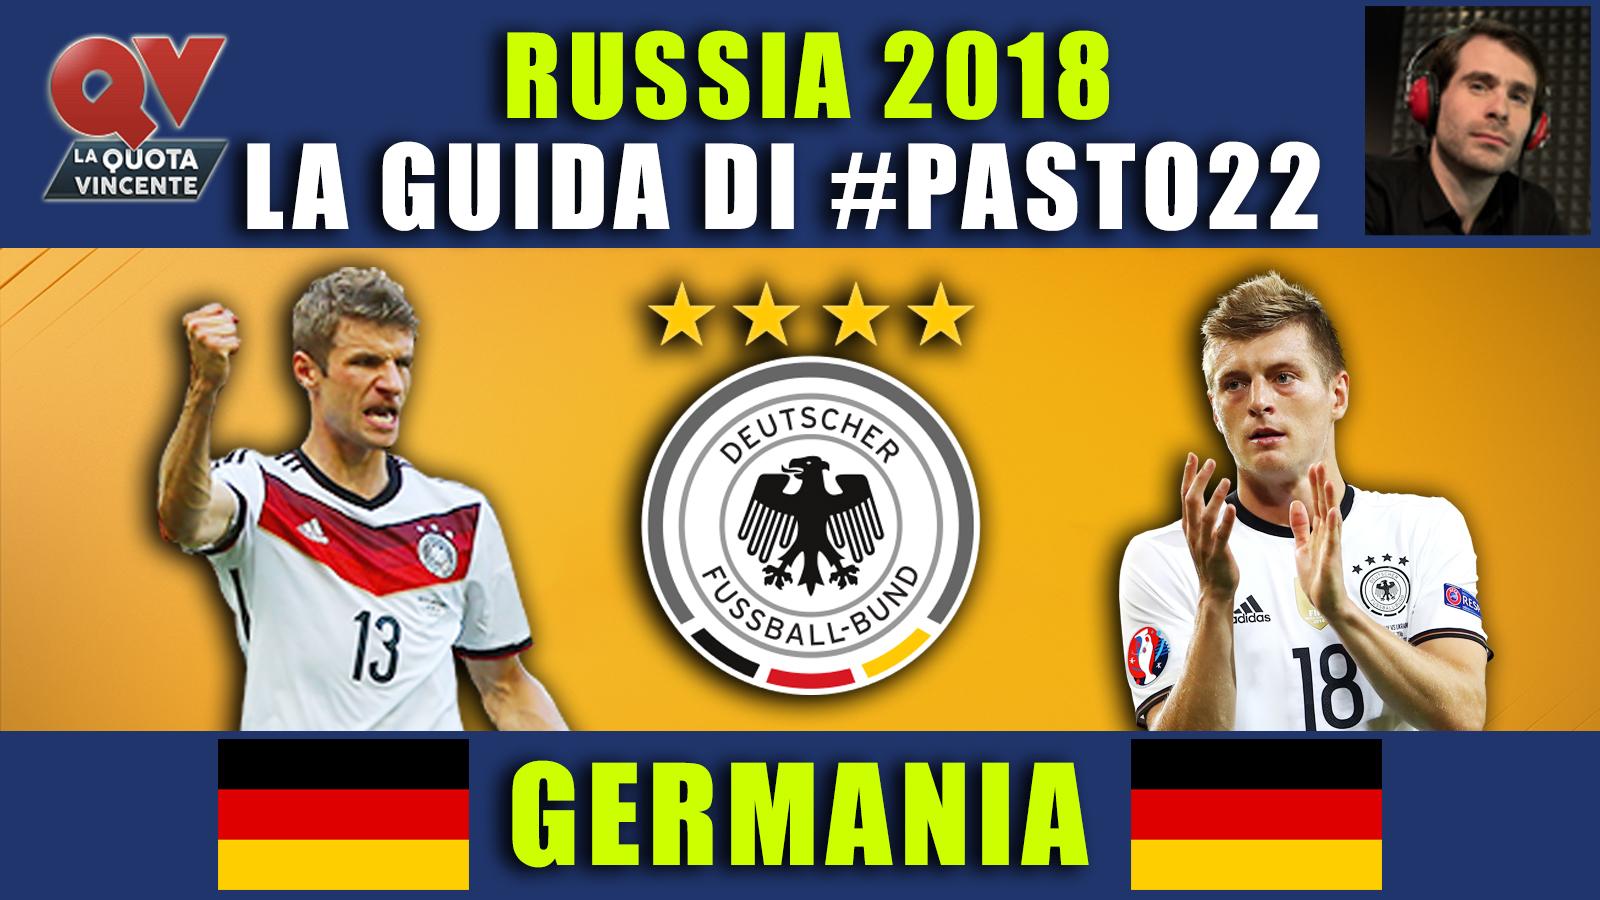 Guida Mondiali Russia 2018 Germania